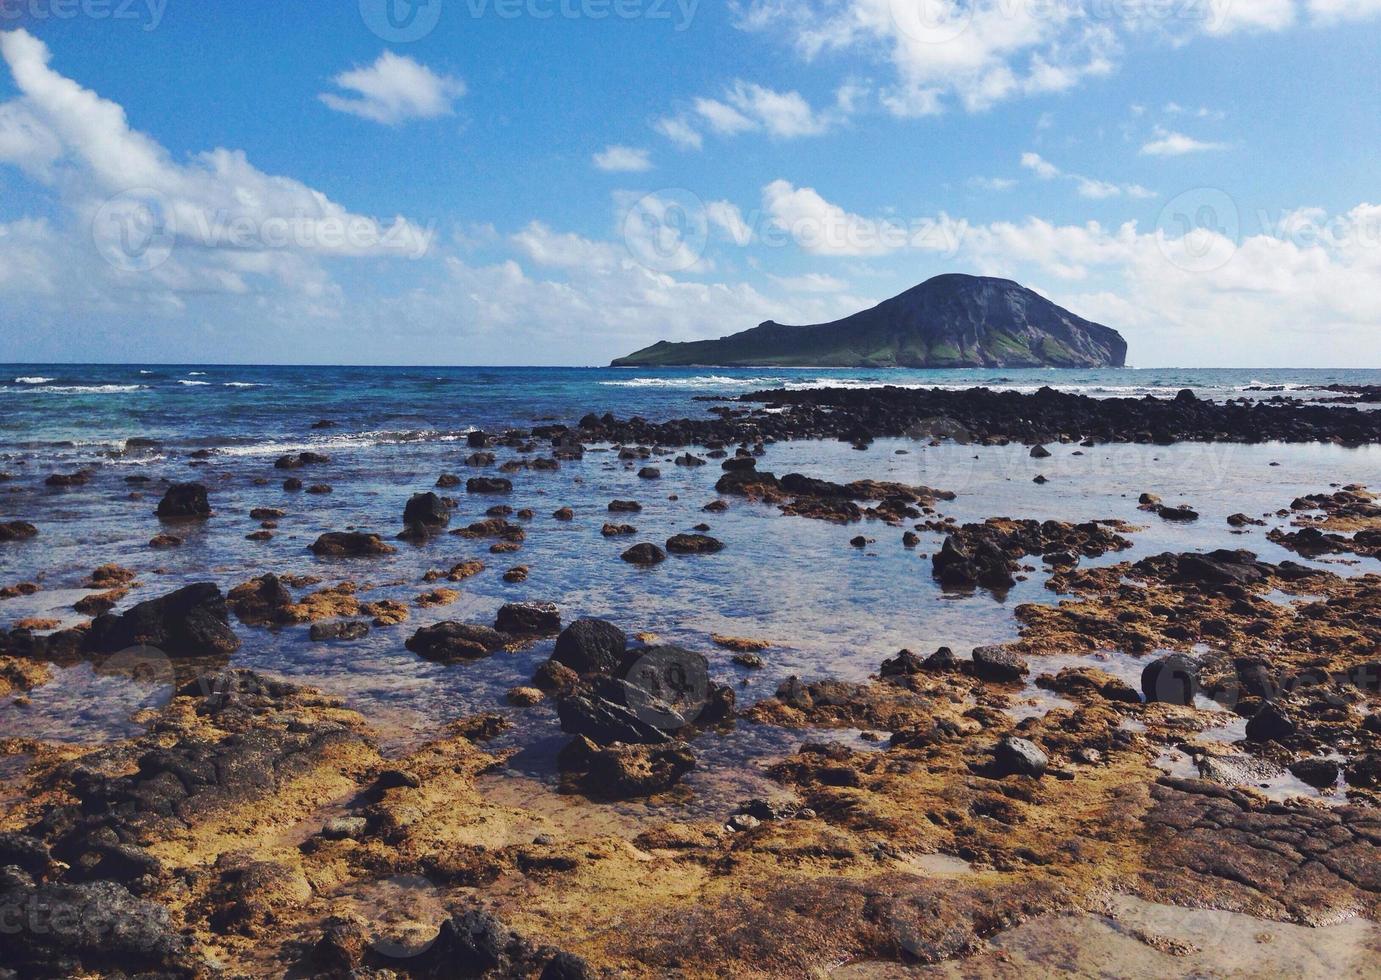 playa rocosa con océano e isla de conejos waimanalo hawaii foto